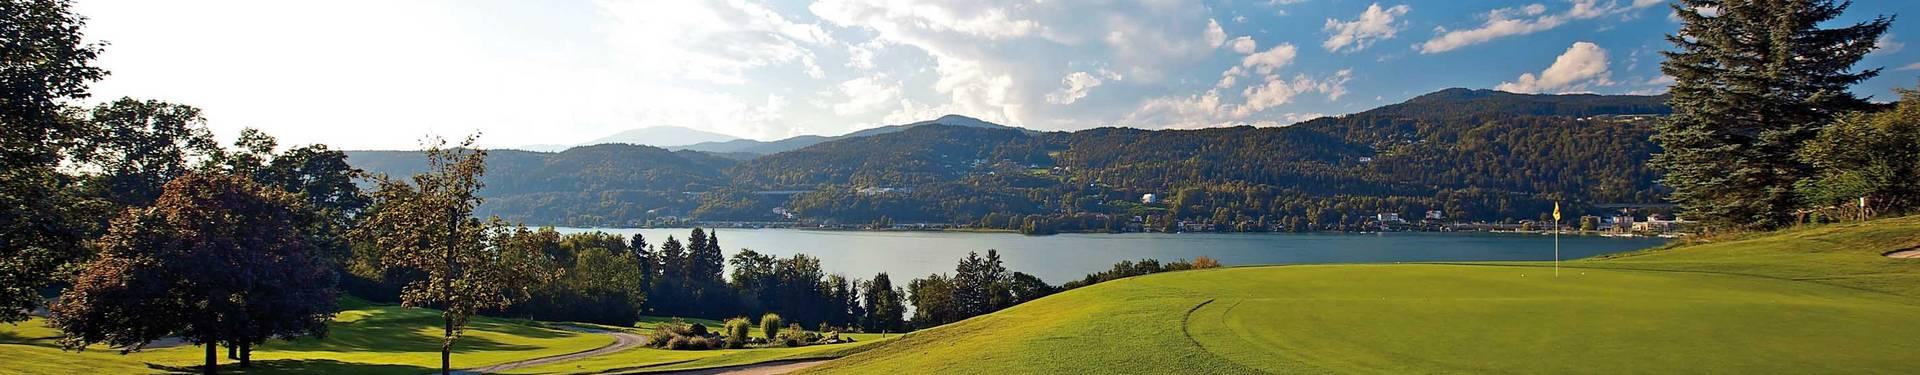 Ka__rntner_Golfclub_Dellach_2011-09-09_081.jpg